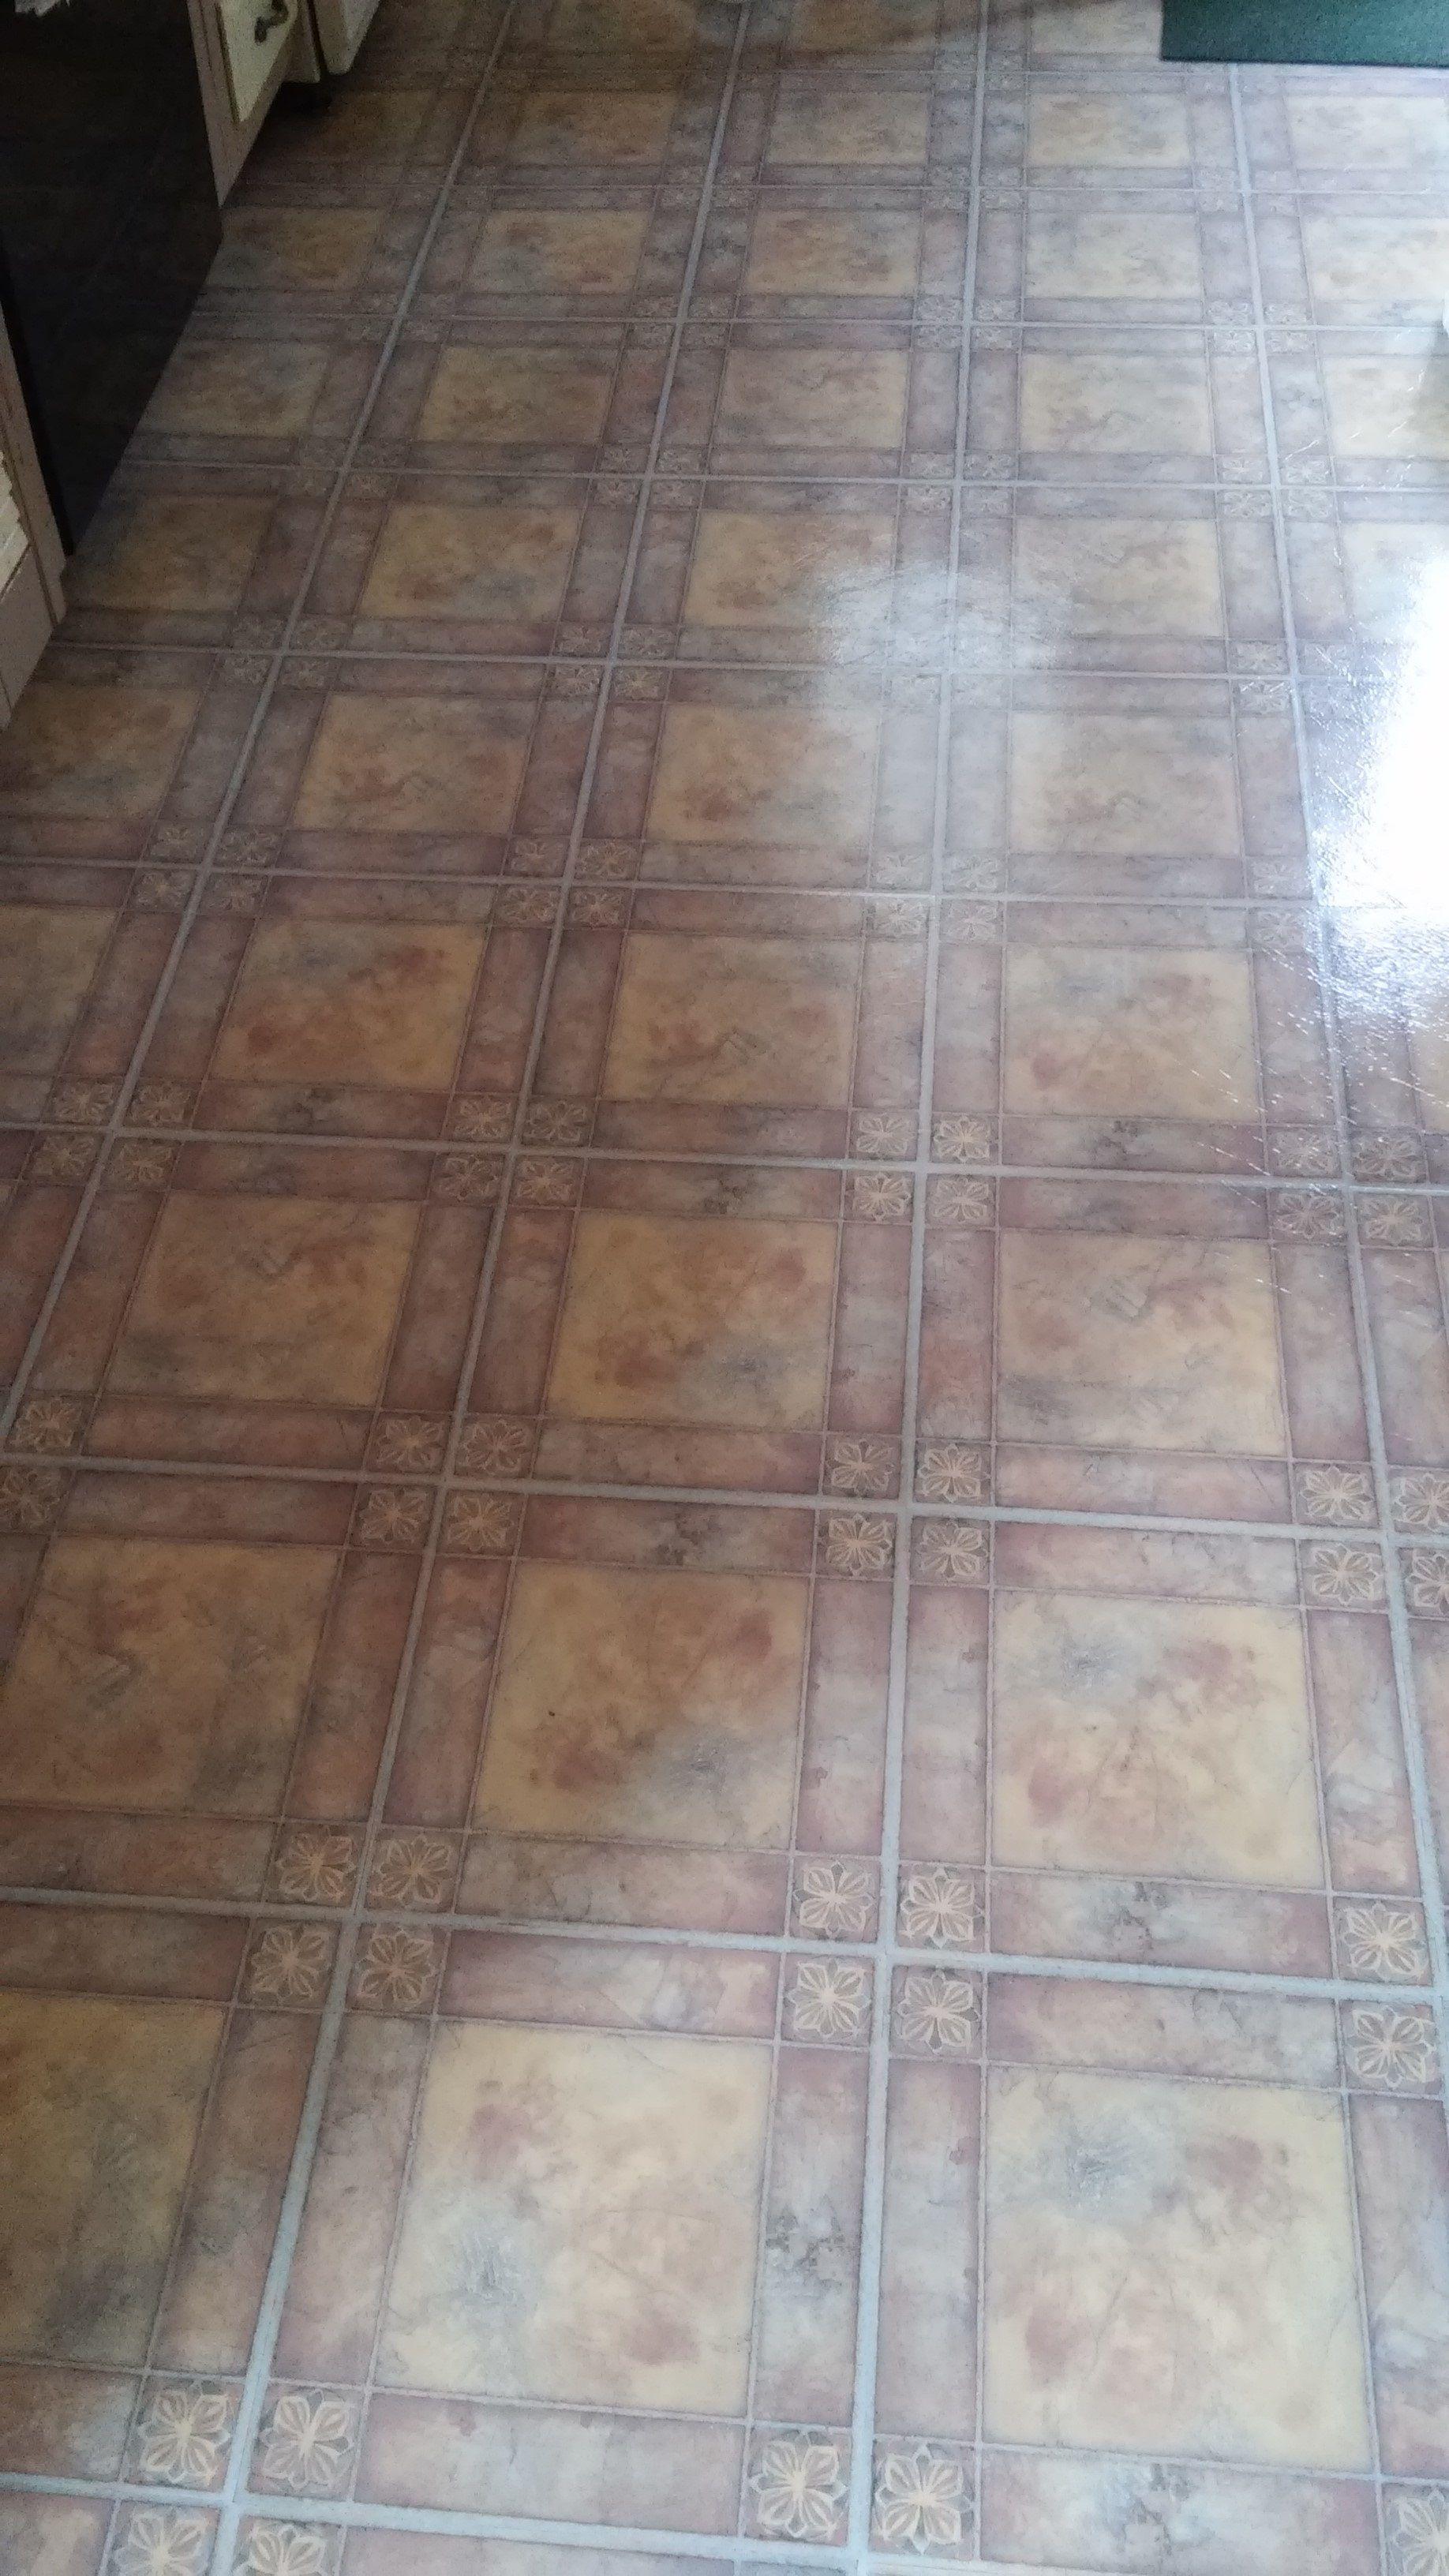 Floor mats in spanish - Stephanie H Shared Her Installation Of Spanish Rose Peel Stick Floor Tile